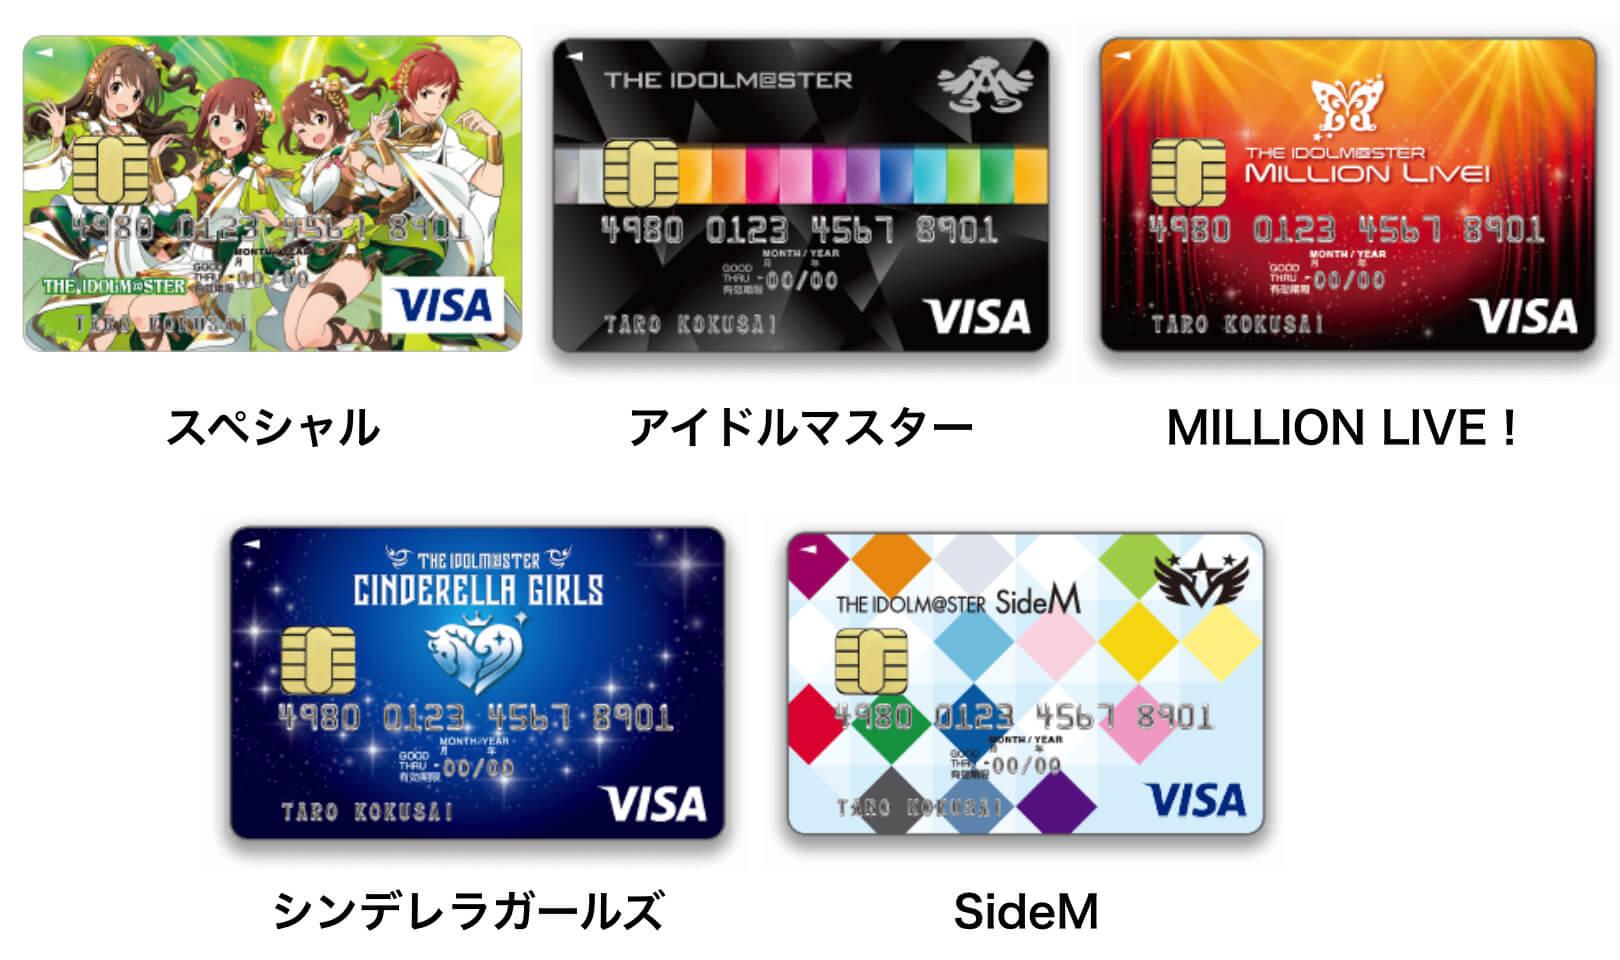 アイドルマスターVISAカード キャラクター クレジットカード